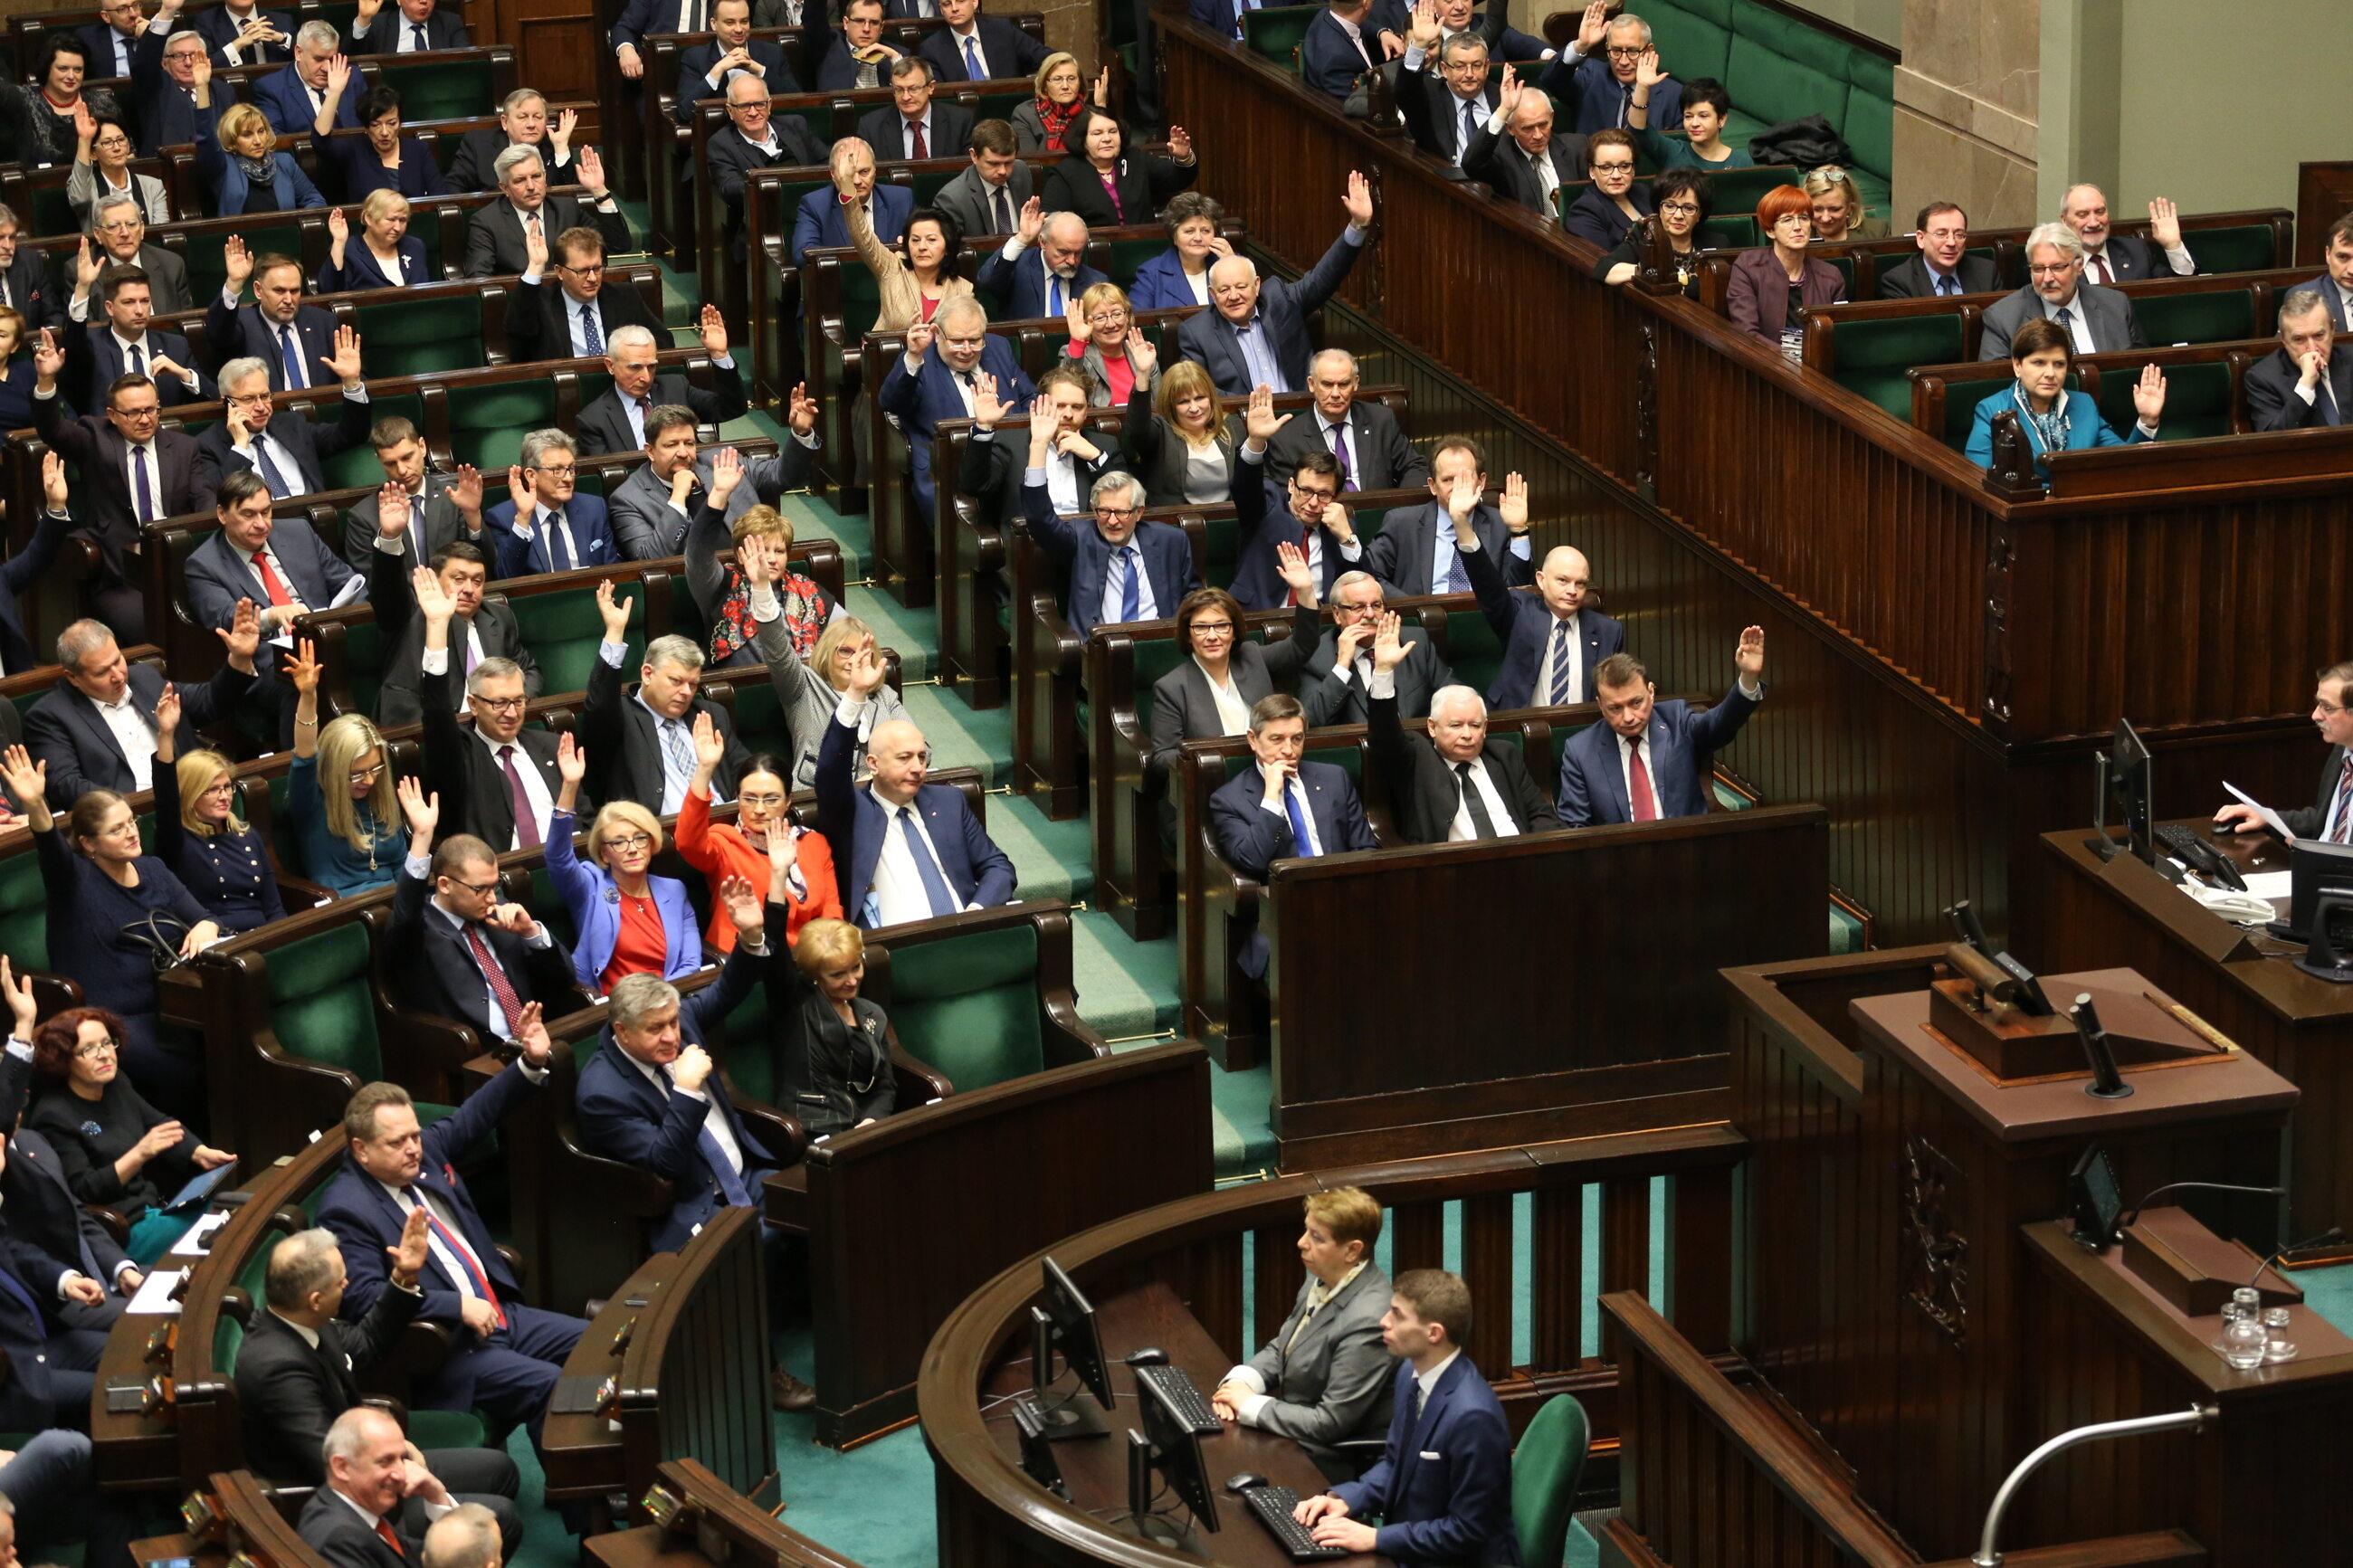 Posłowie podczas głosowania na sali sejmowej